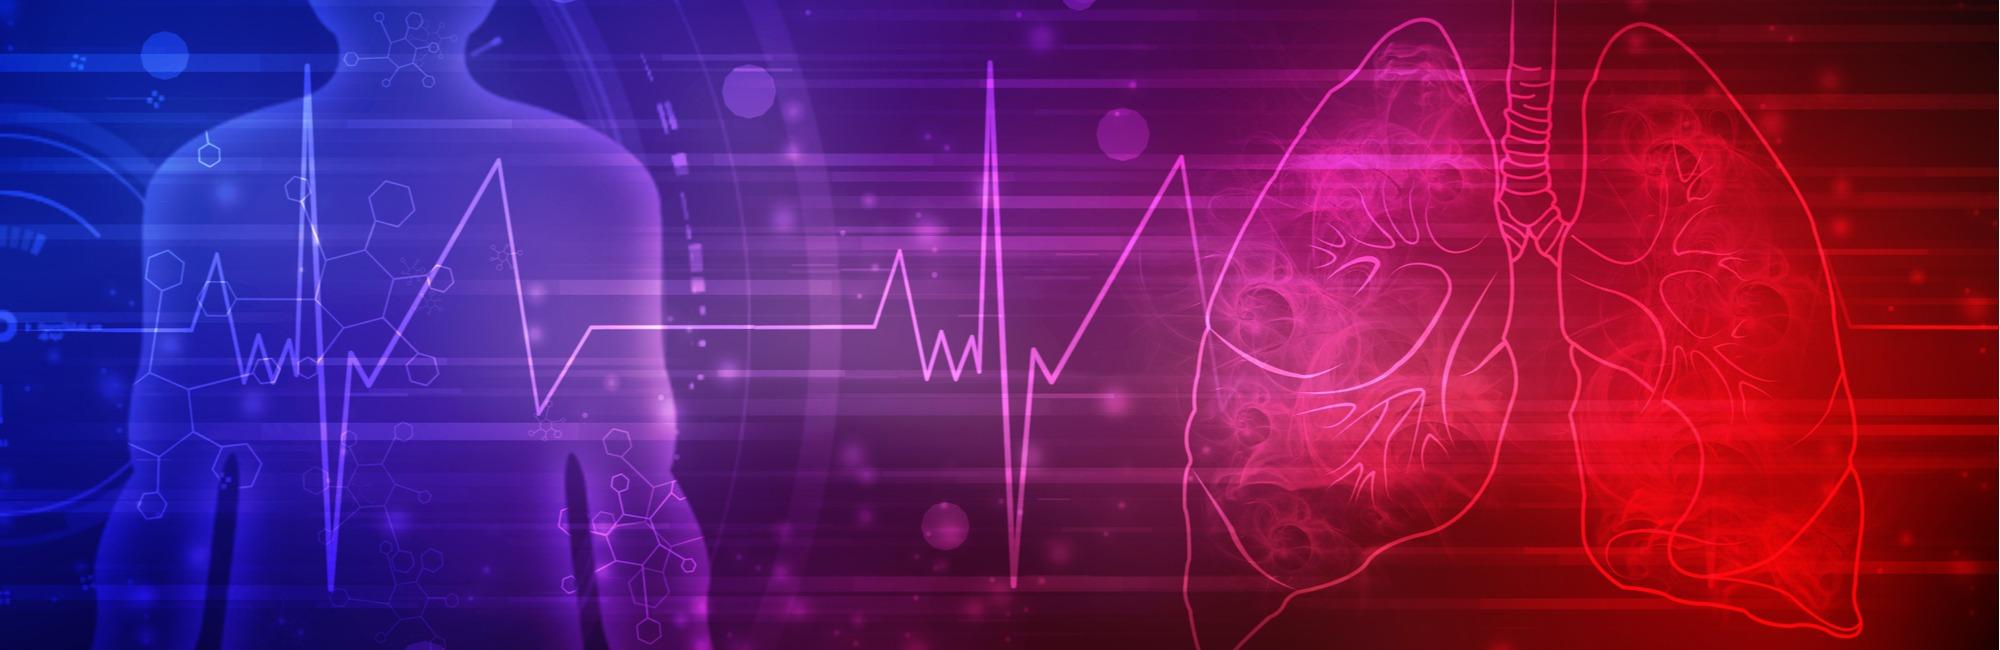 Health Surveillance - Header Image